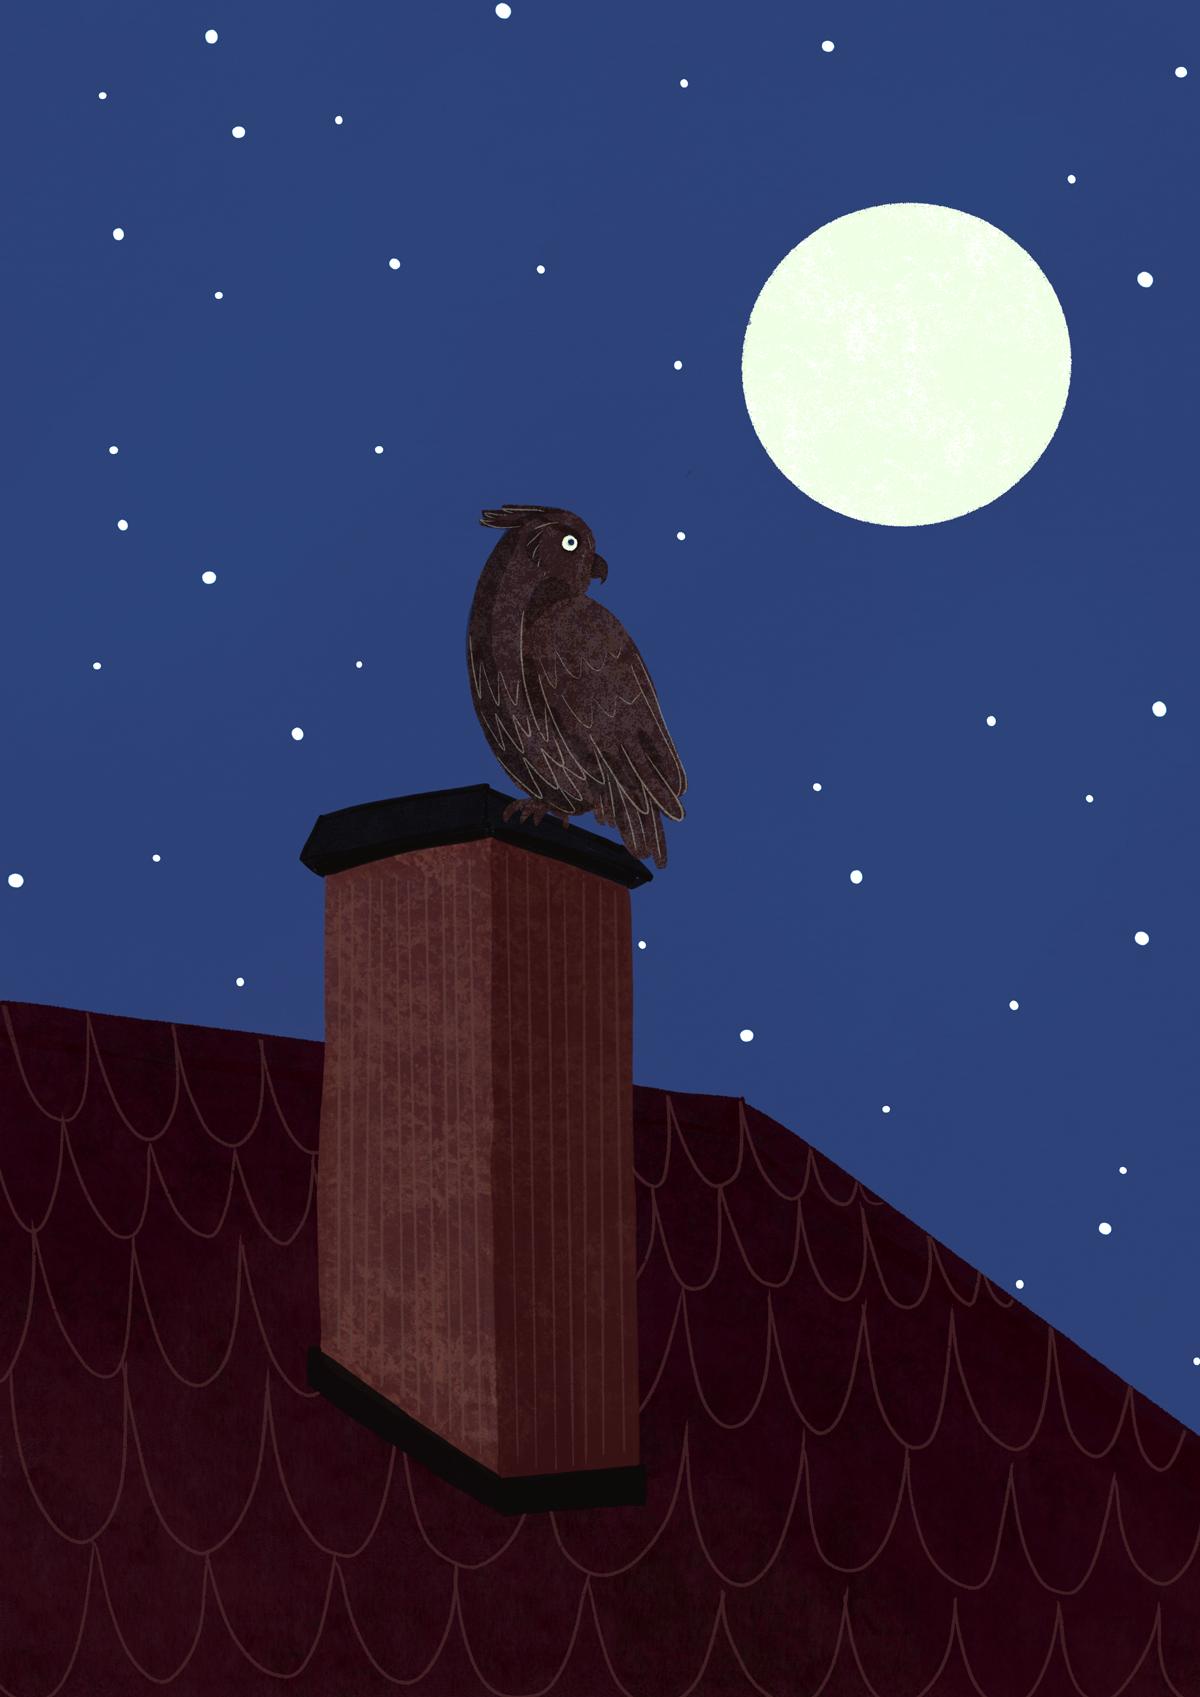 Hibou sur une cheminée devant la pleine lune